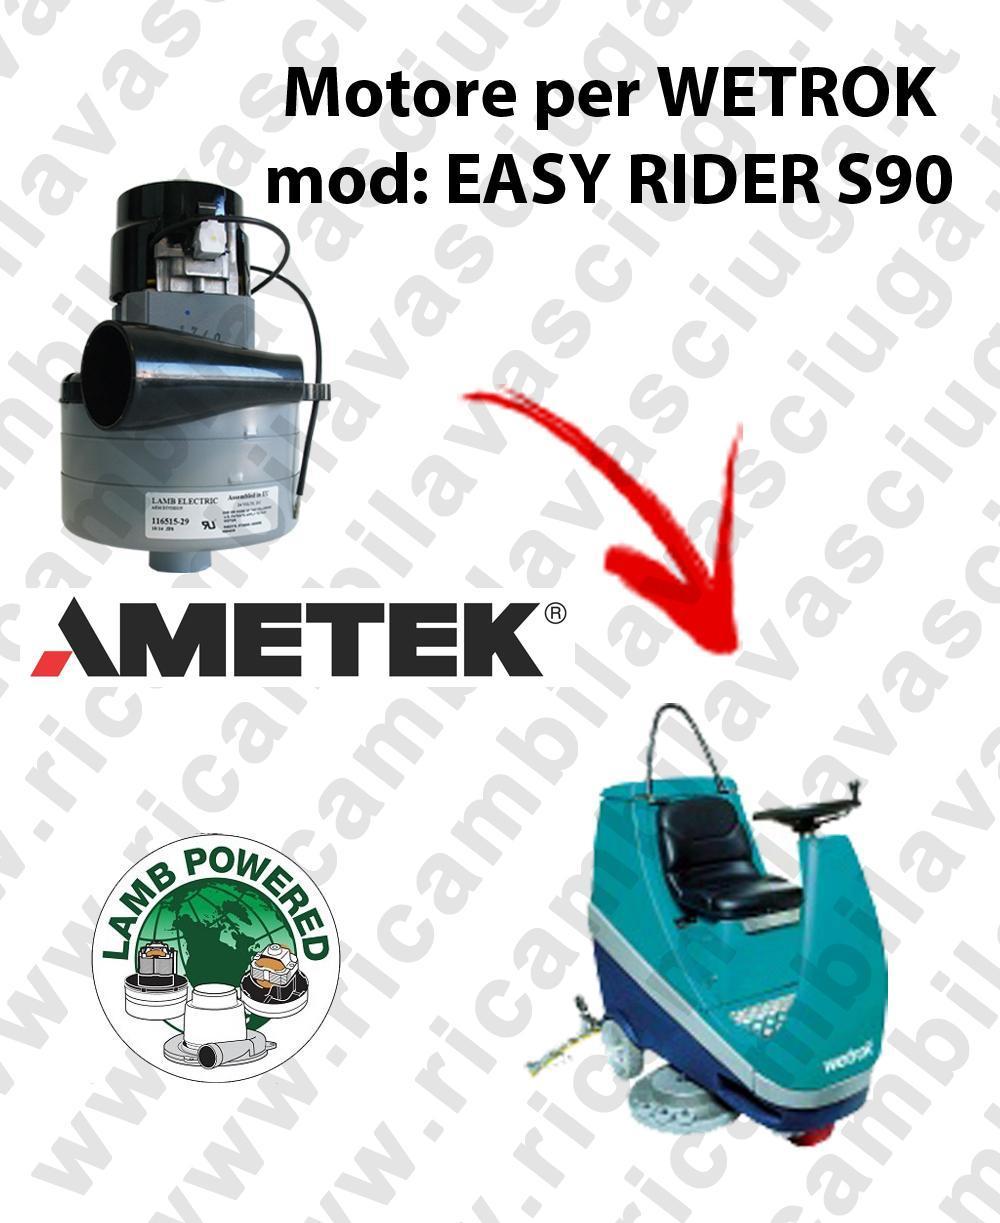 EASY RIDER S90 Motore de aspiración LAMB AMETEK para fregadora WETROK